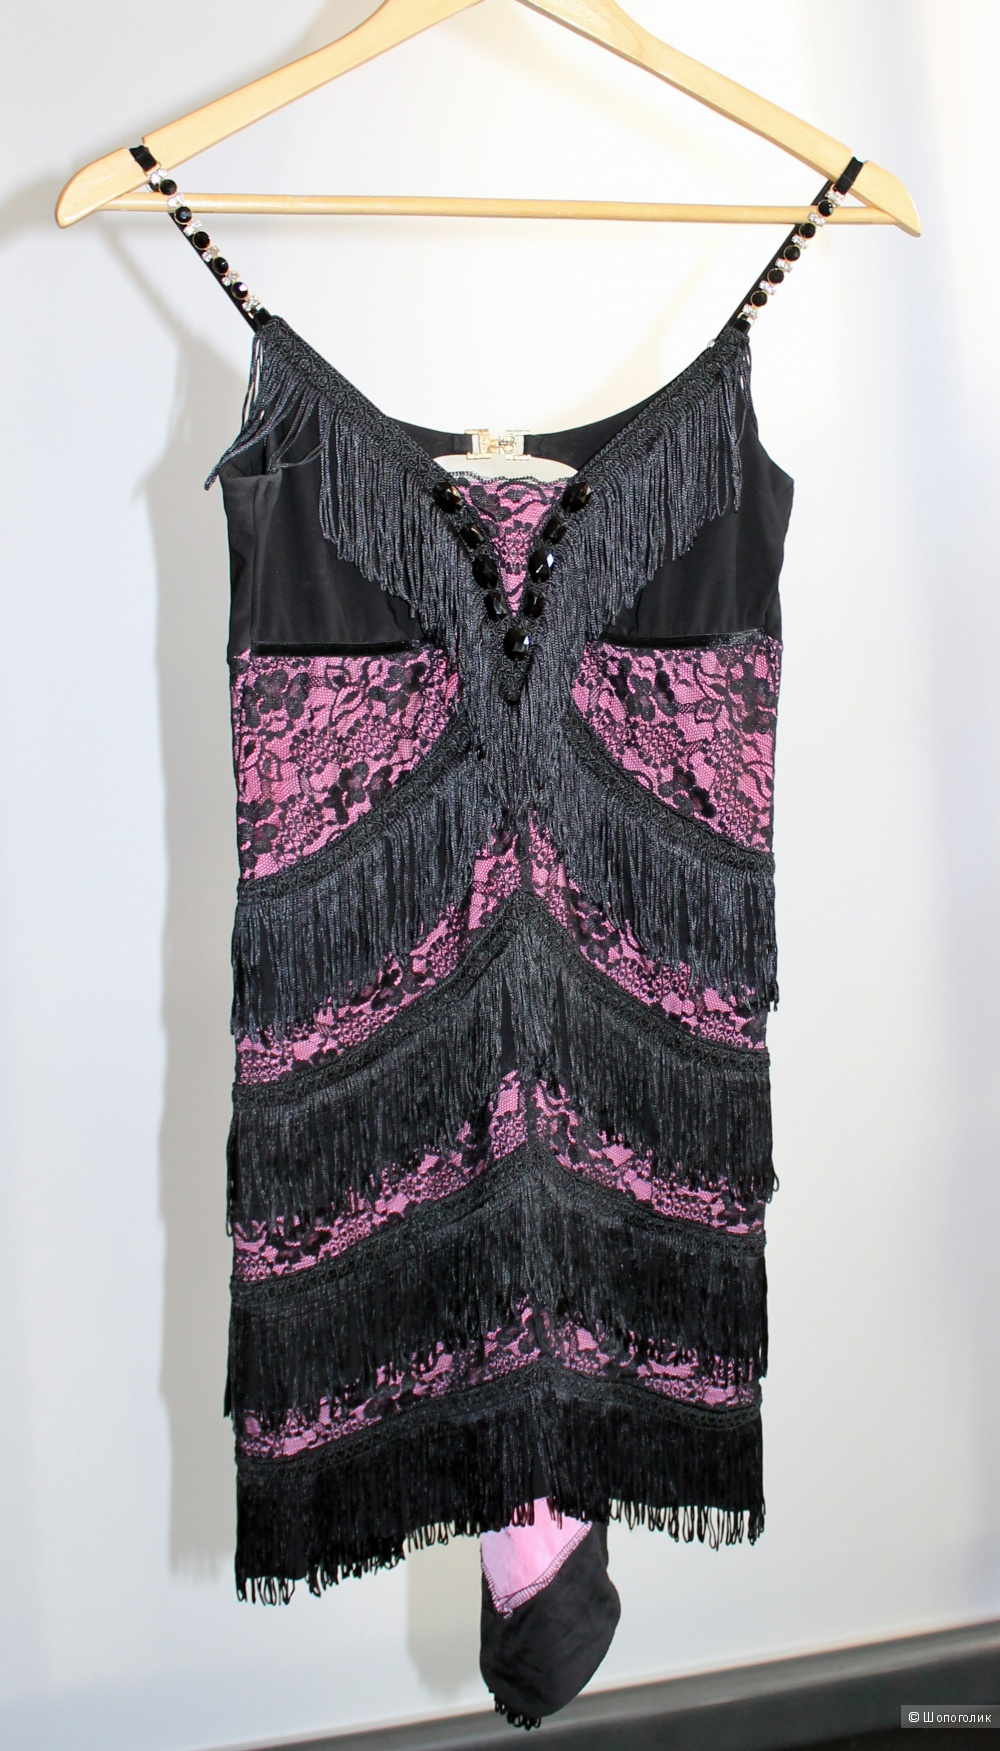 Платье Seam c бахромой, размер S